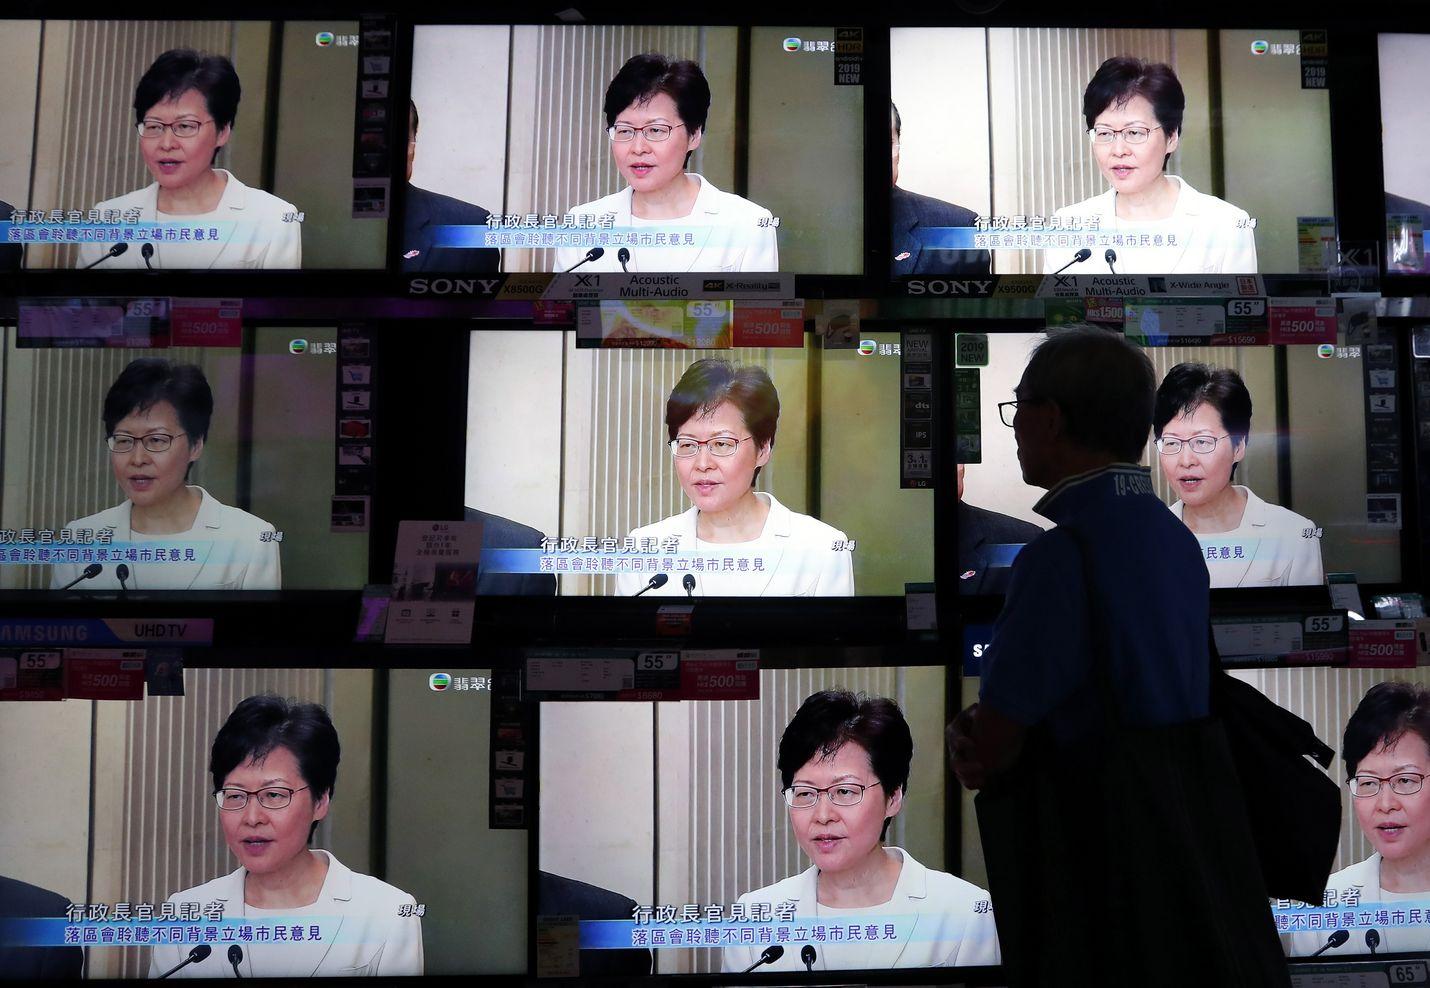 Hongkongilainen mies katseli kadulla televisiosta, kun hallintojohtaja Carrie Lam piti tiedotustilaisuutta torstaina kiistellyn luovutuslain kohtalosta.